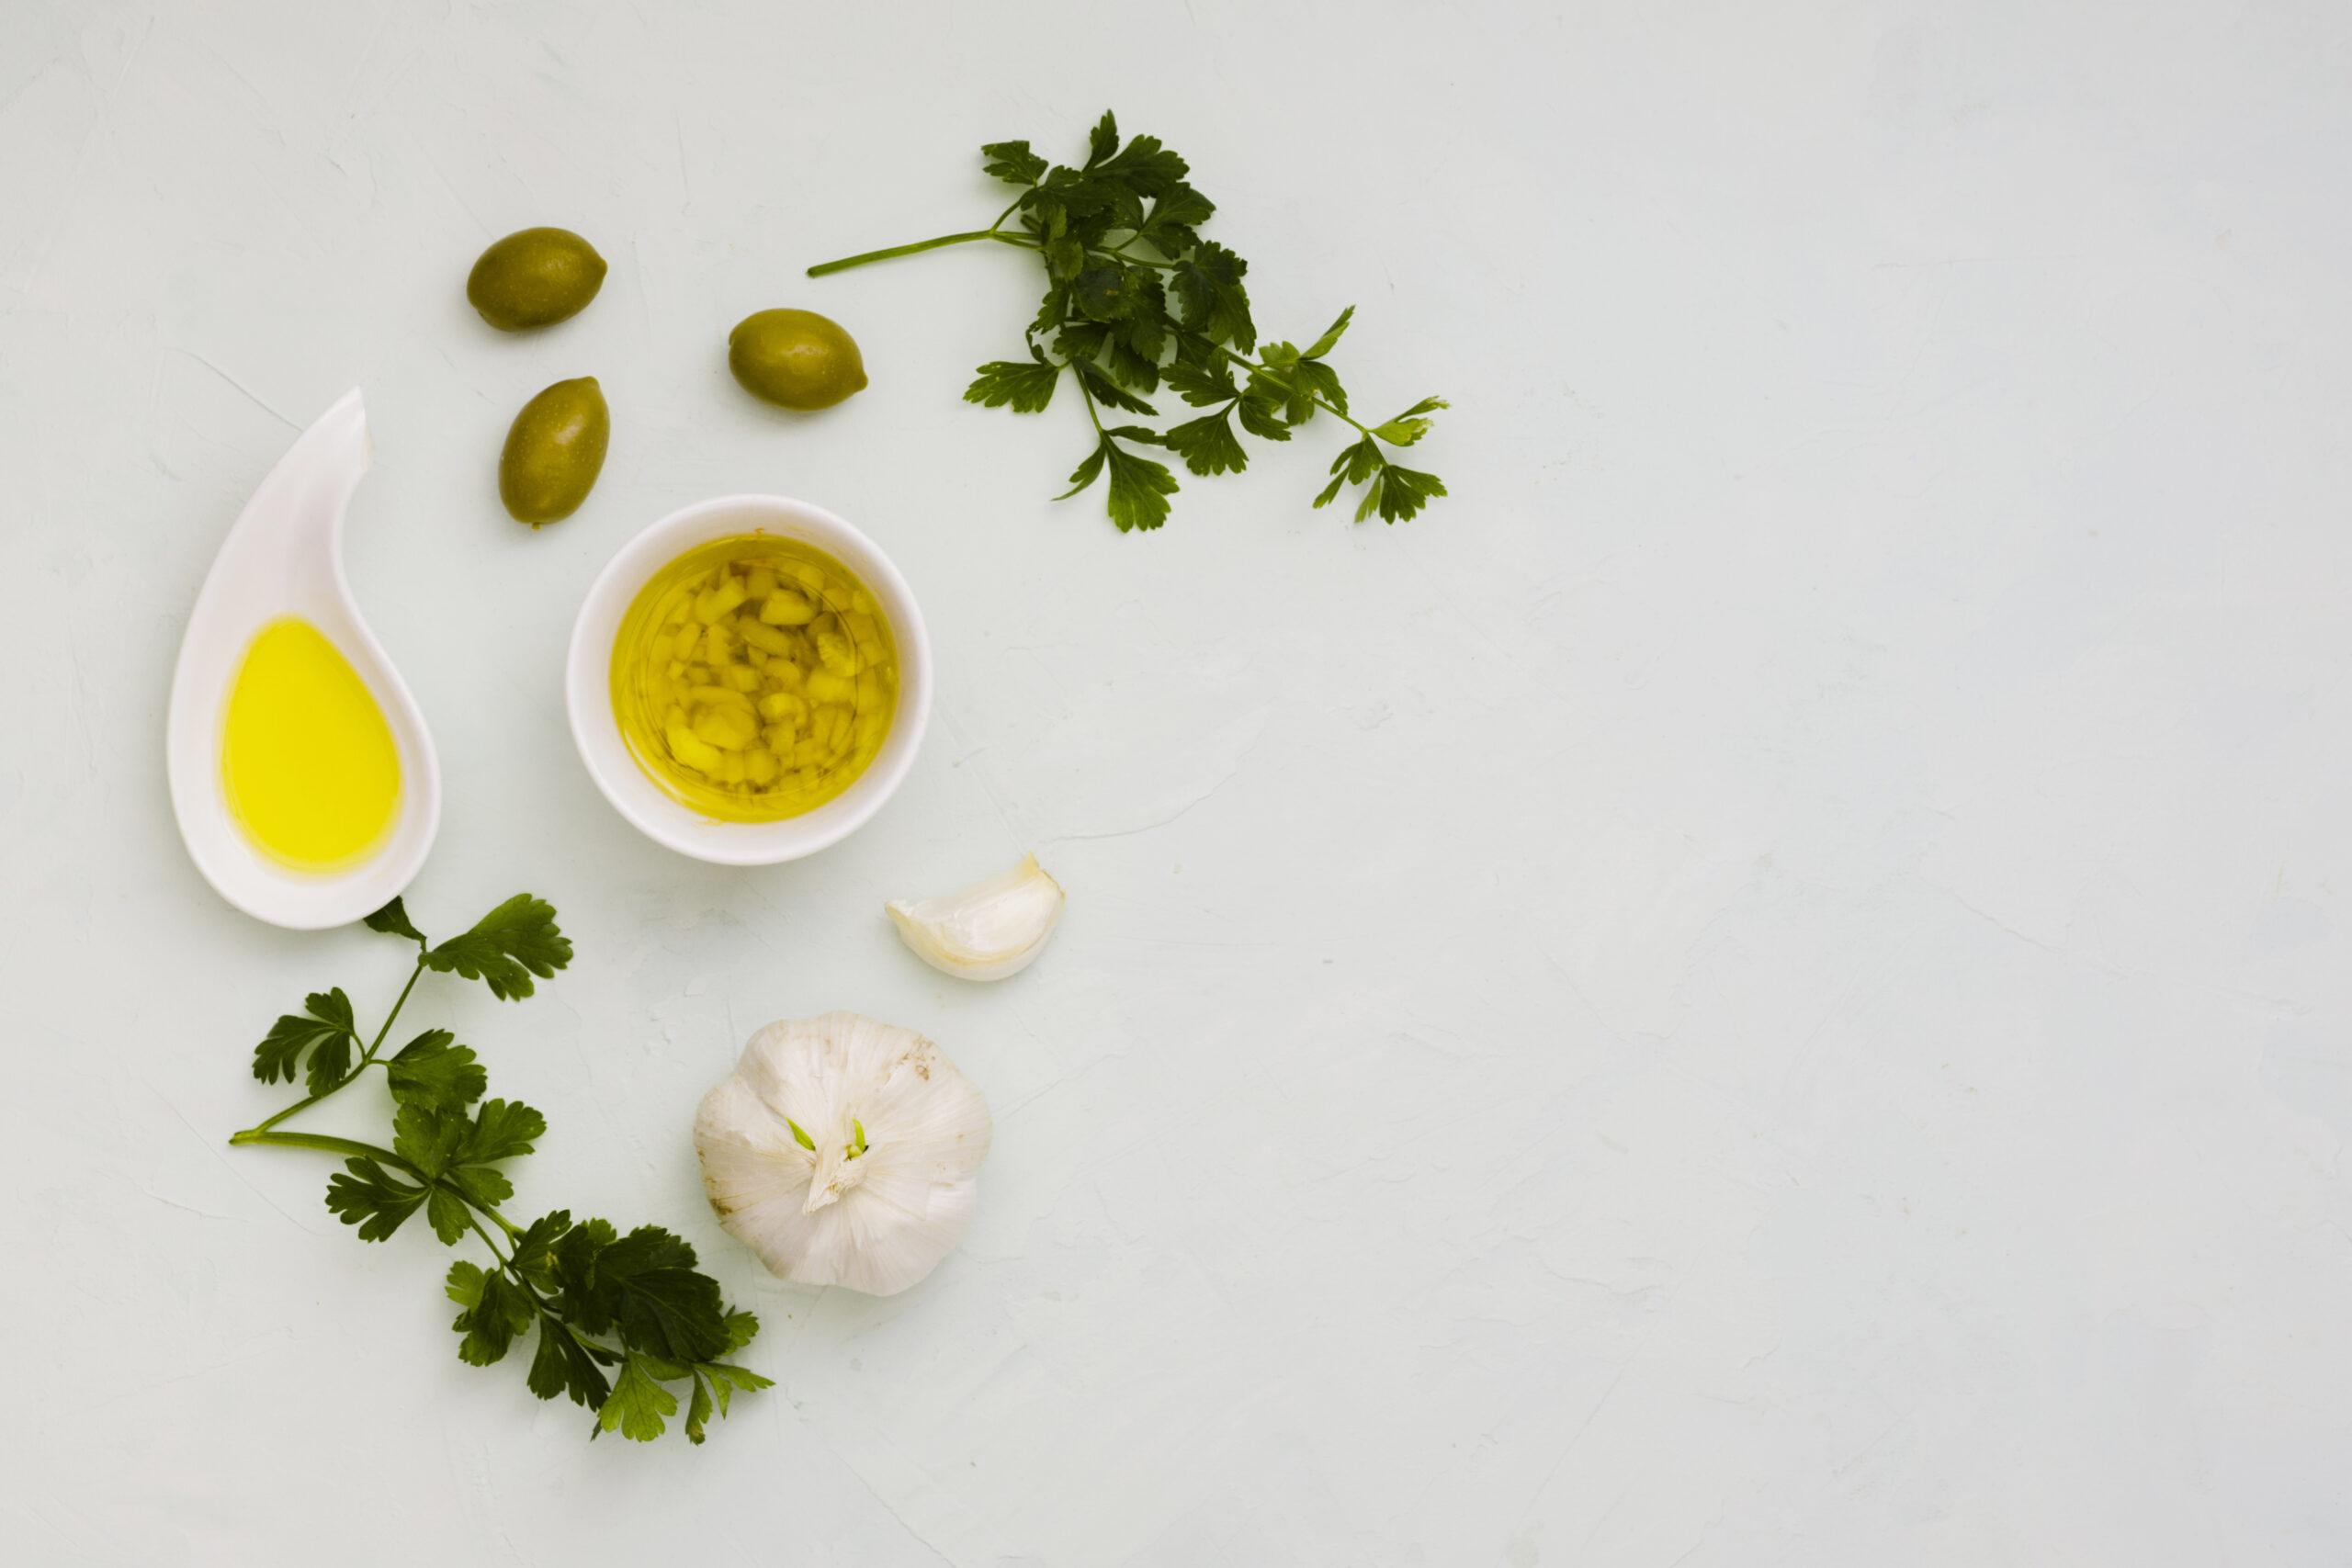 descubre todas las propiedades y beneficios de unir aceite de oliva virgen extra con ajo